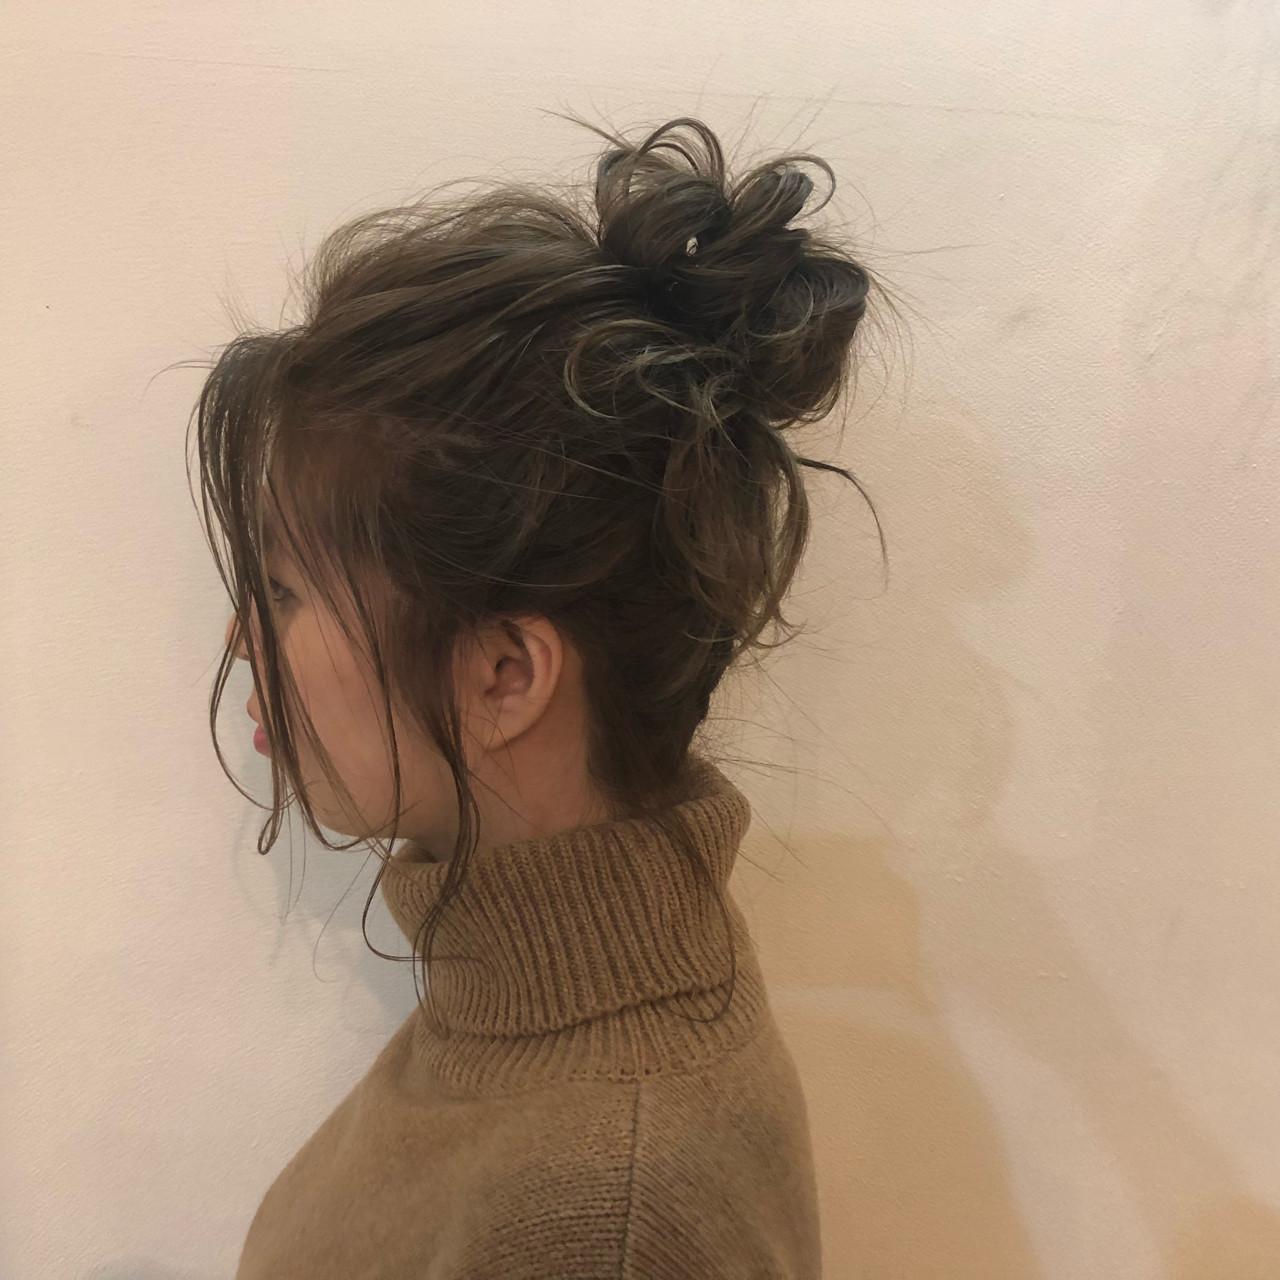 ヘアアレンジ お団子 ボブ アウトドア ヘアスタイルや髪型の写真・画像